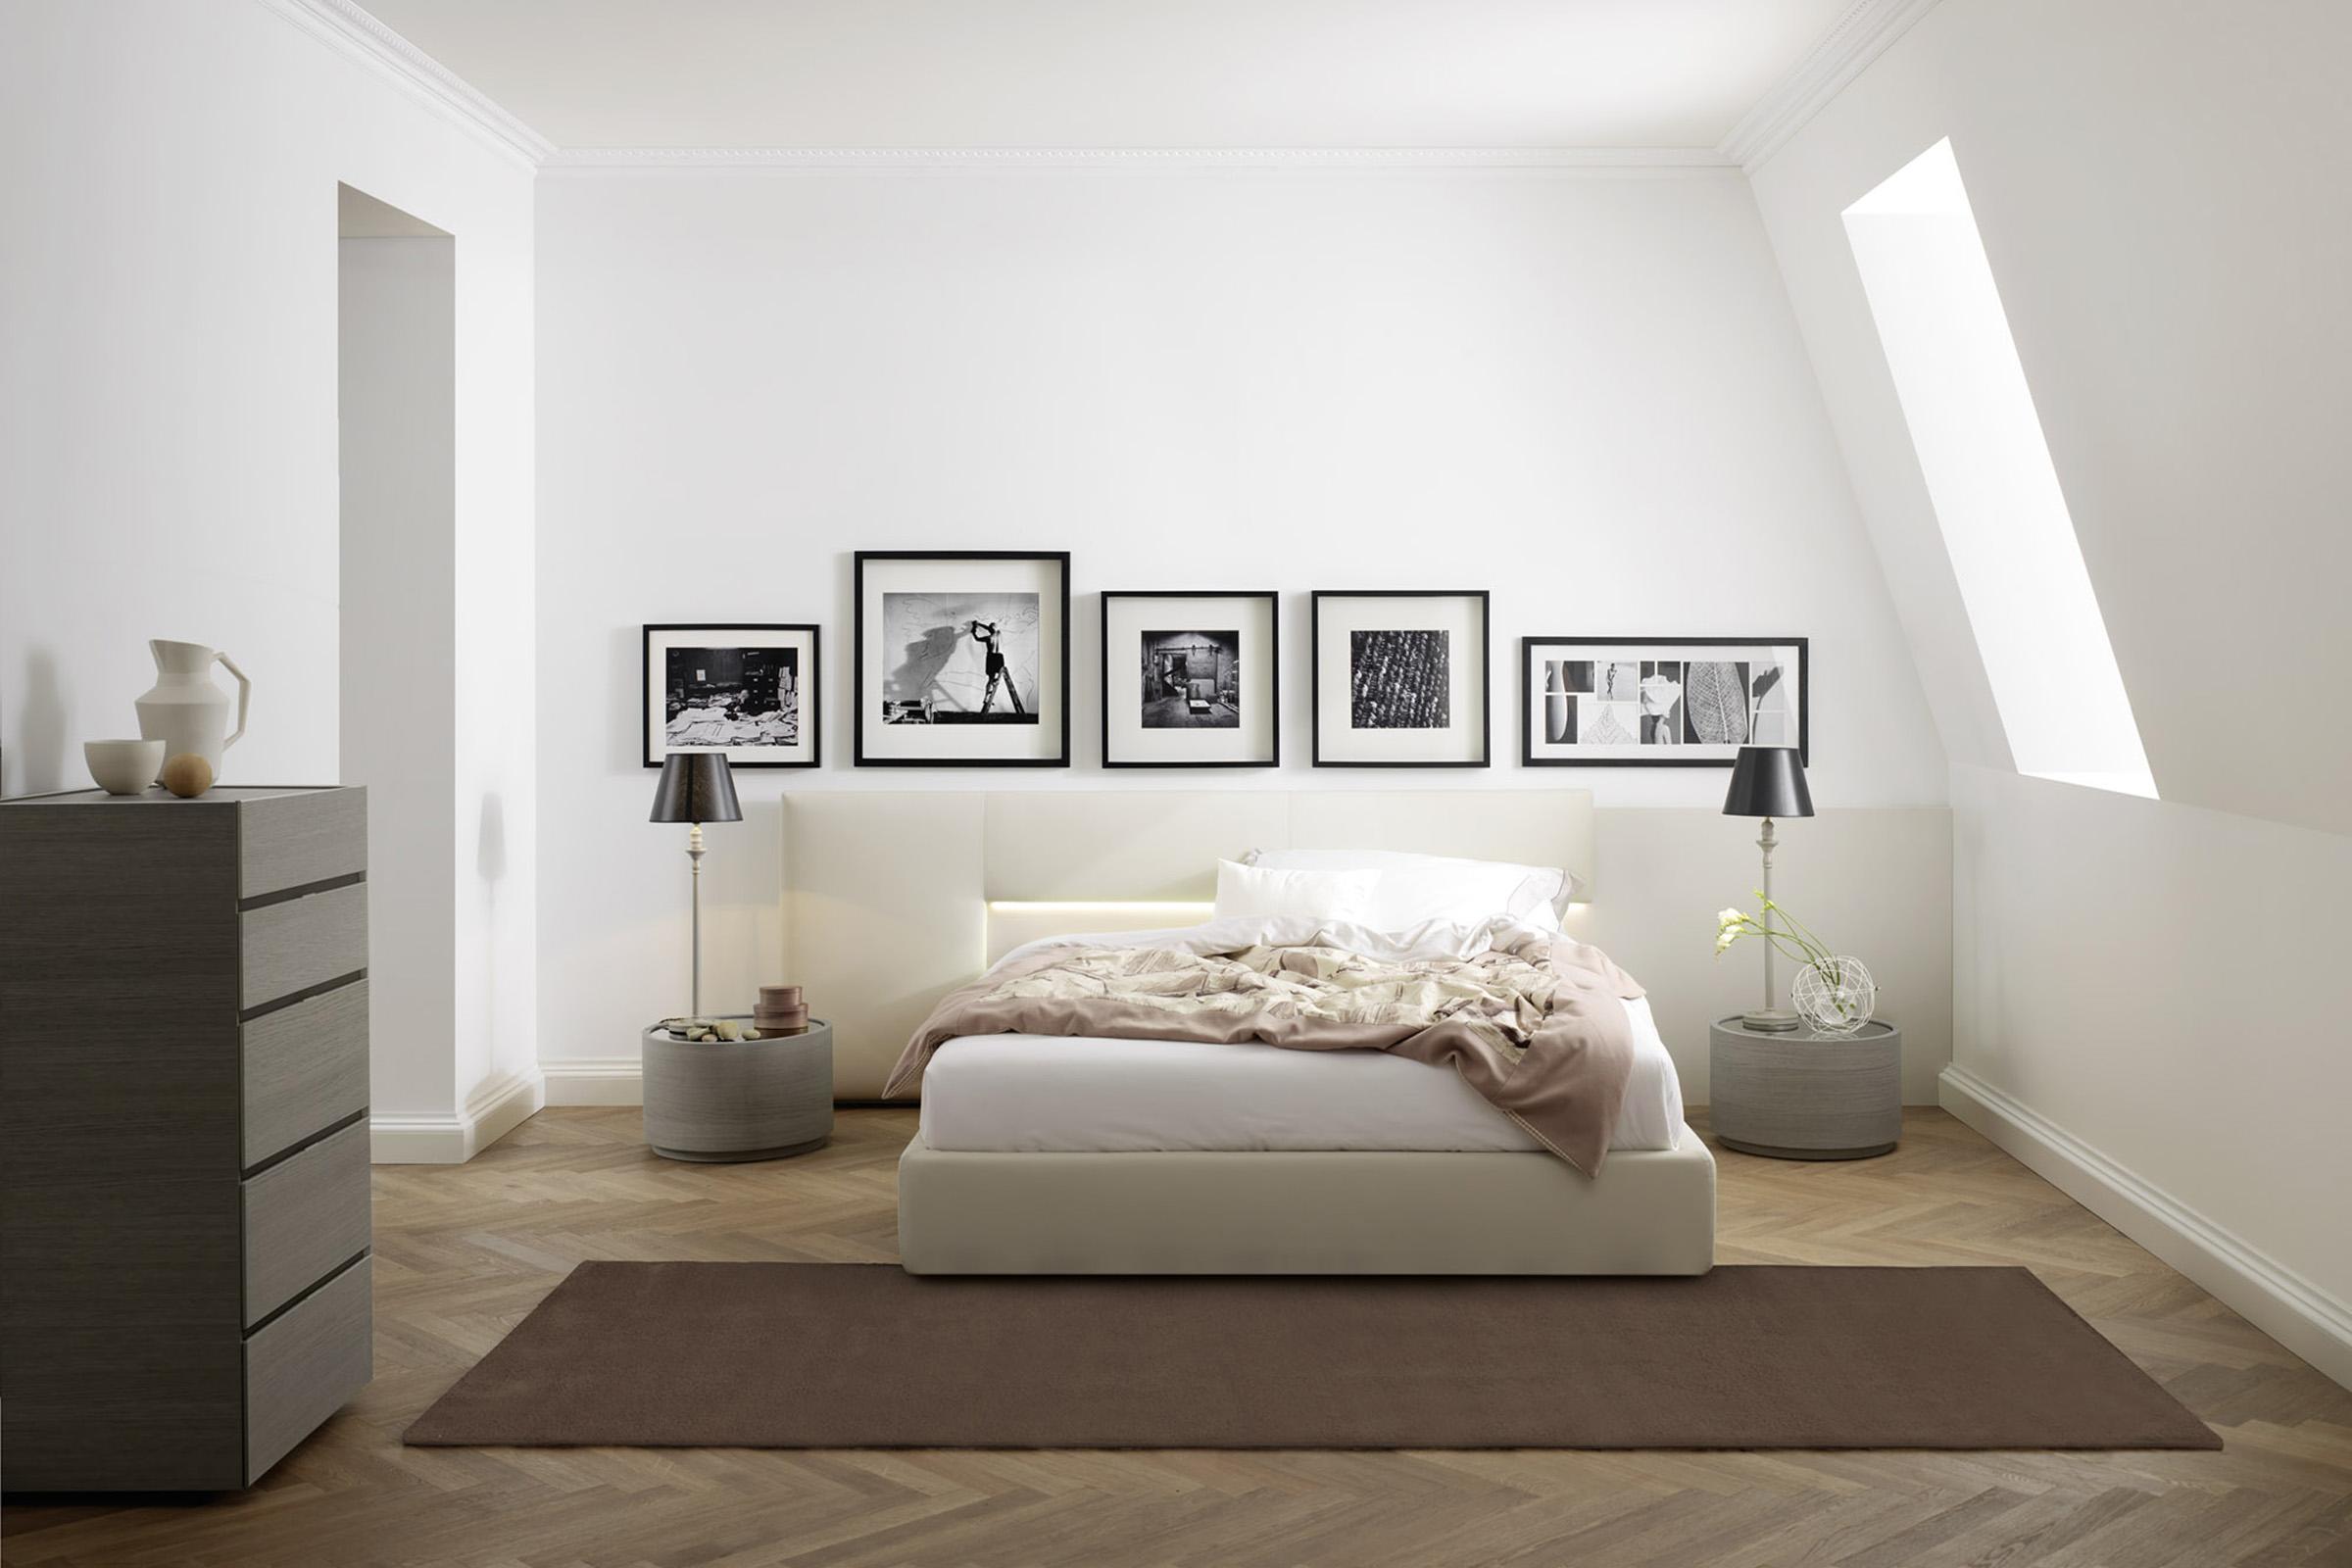 Letti In Legno Con Testiera Imbottita : Letto in legno moderno. free letto moderno in legno con testiera